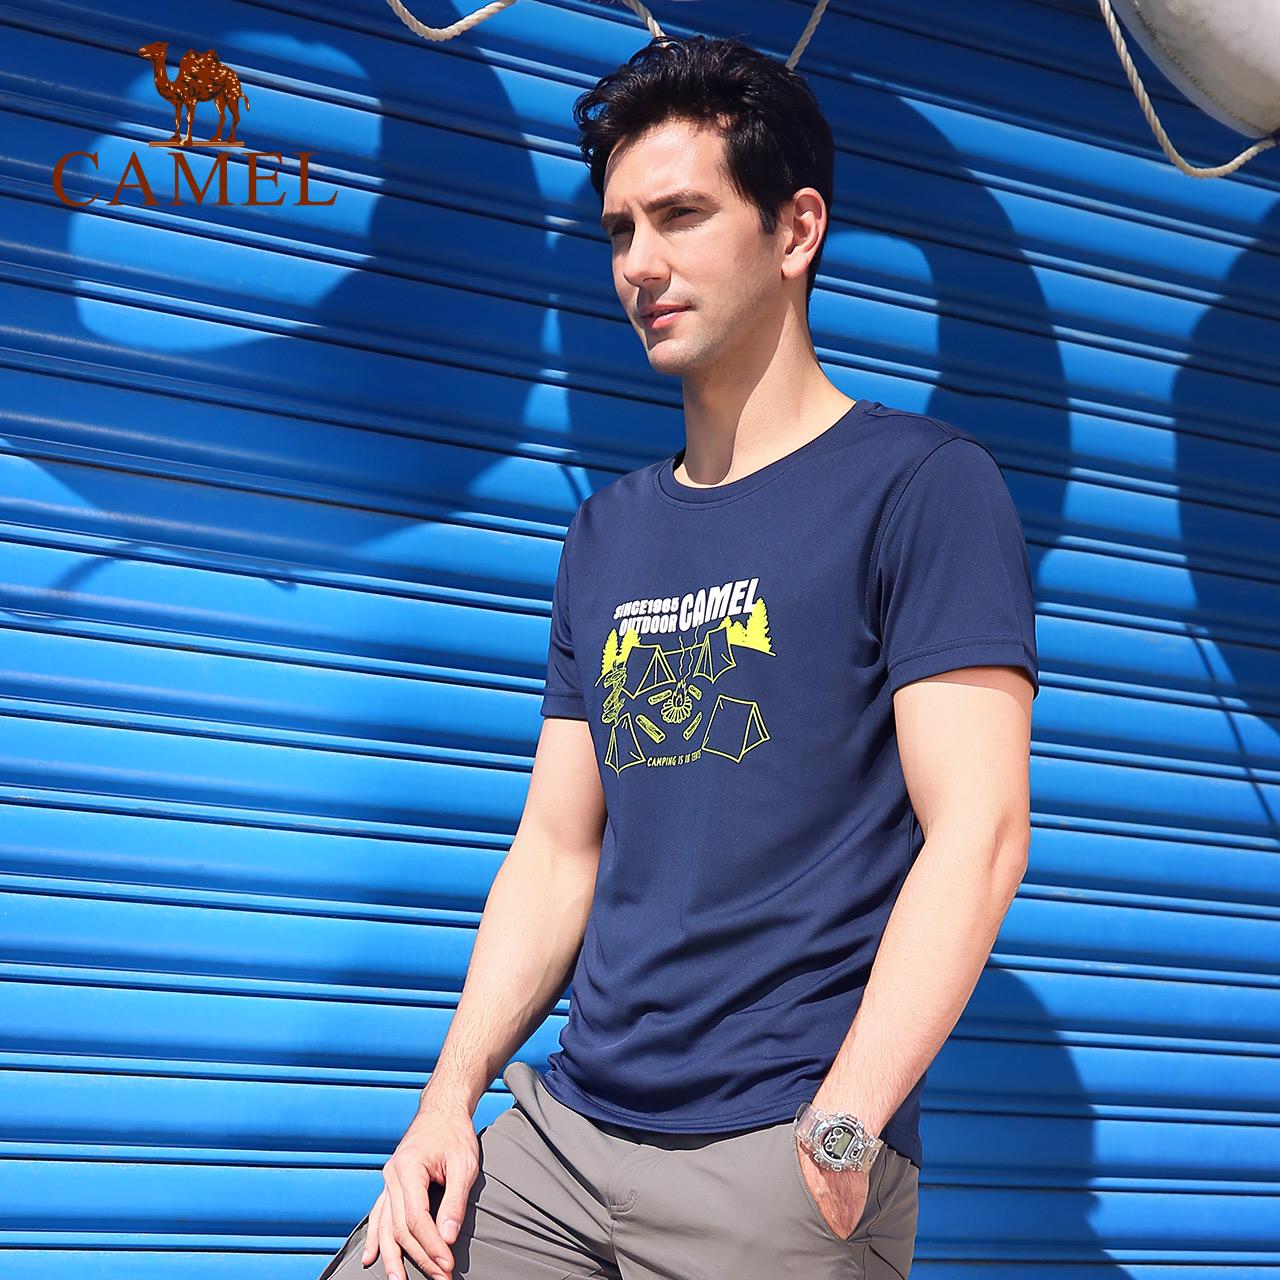 骆驼户外T恤男 运动短袖舒适圆领多功能排汗清爽透气吸湿跑步上衣